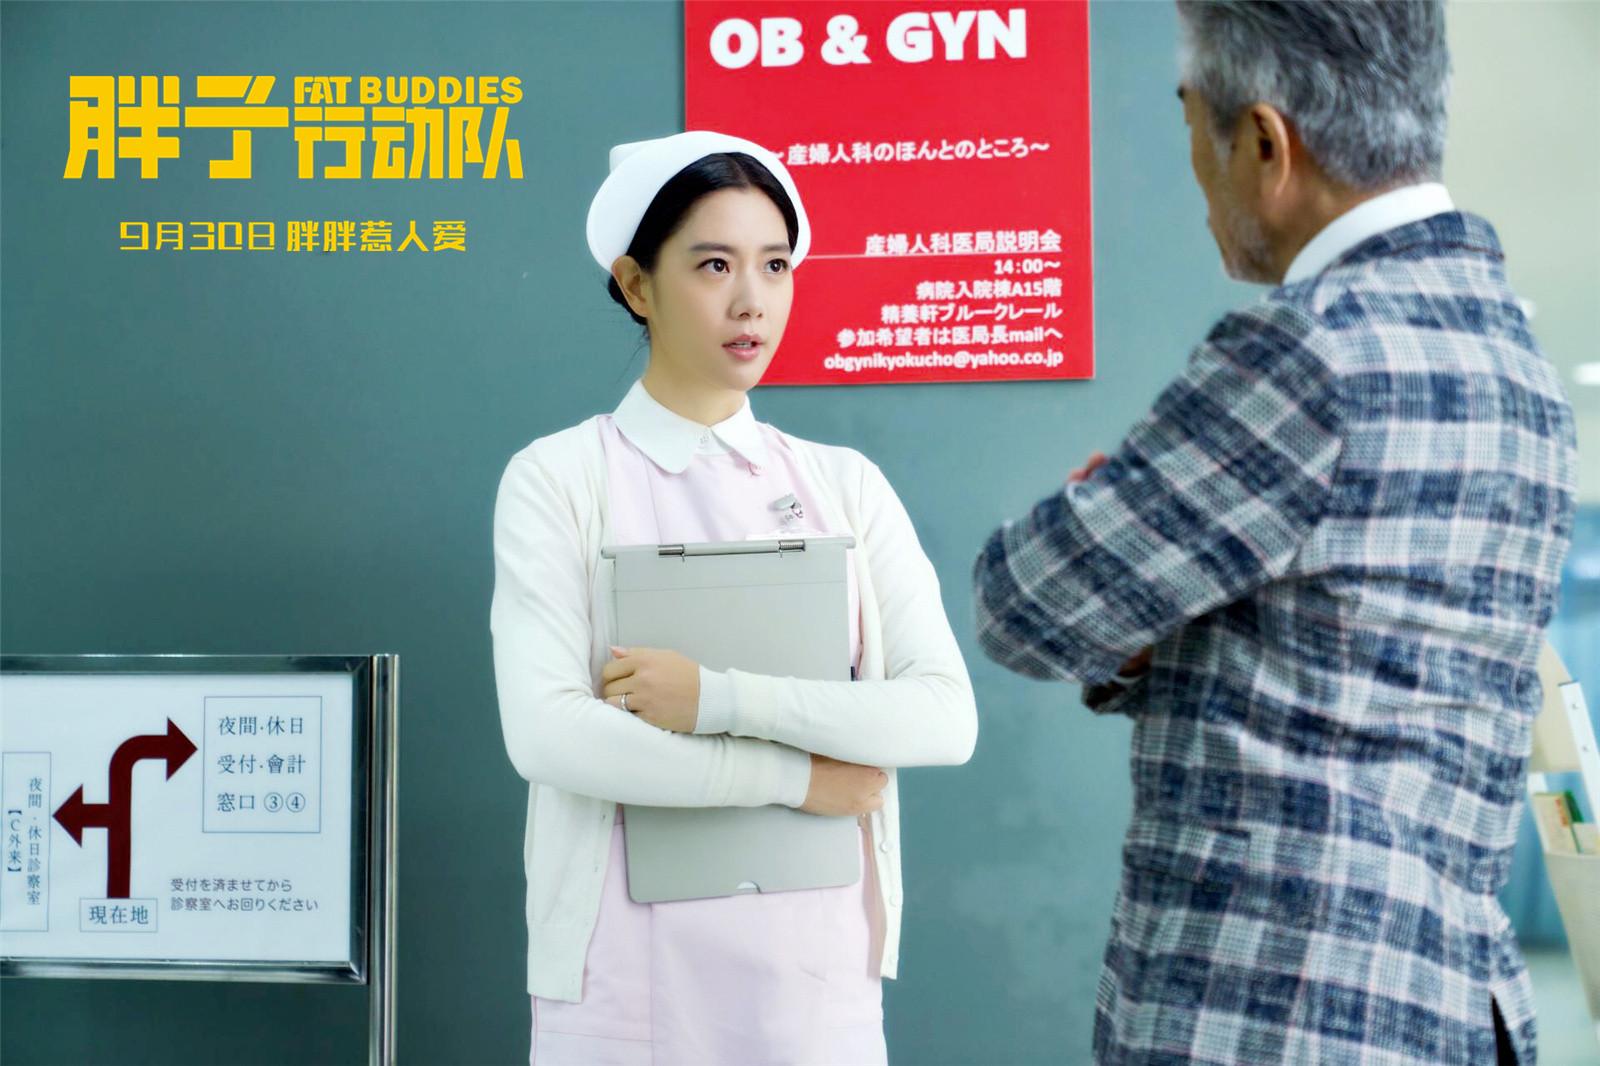 电影《胖子行动队》终极海报曝光